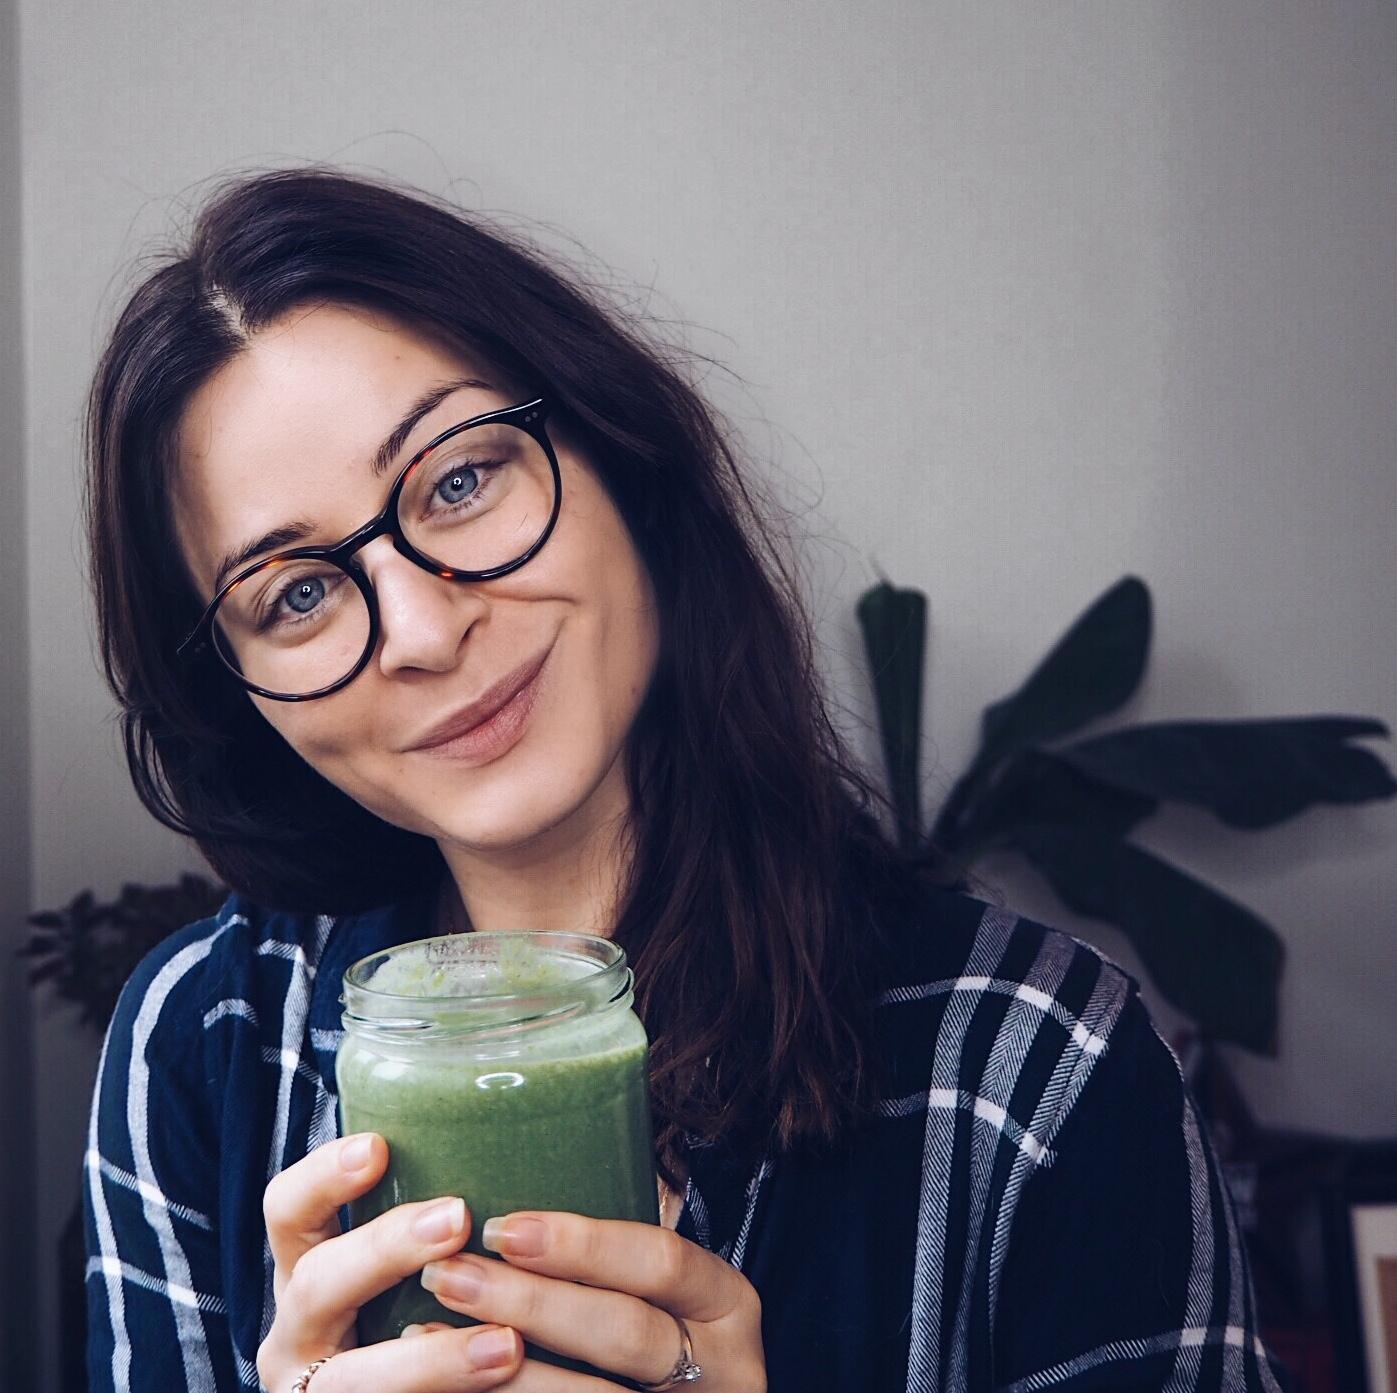 vegansk morgenmad vegetariske morgenmad sund morgenmad